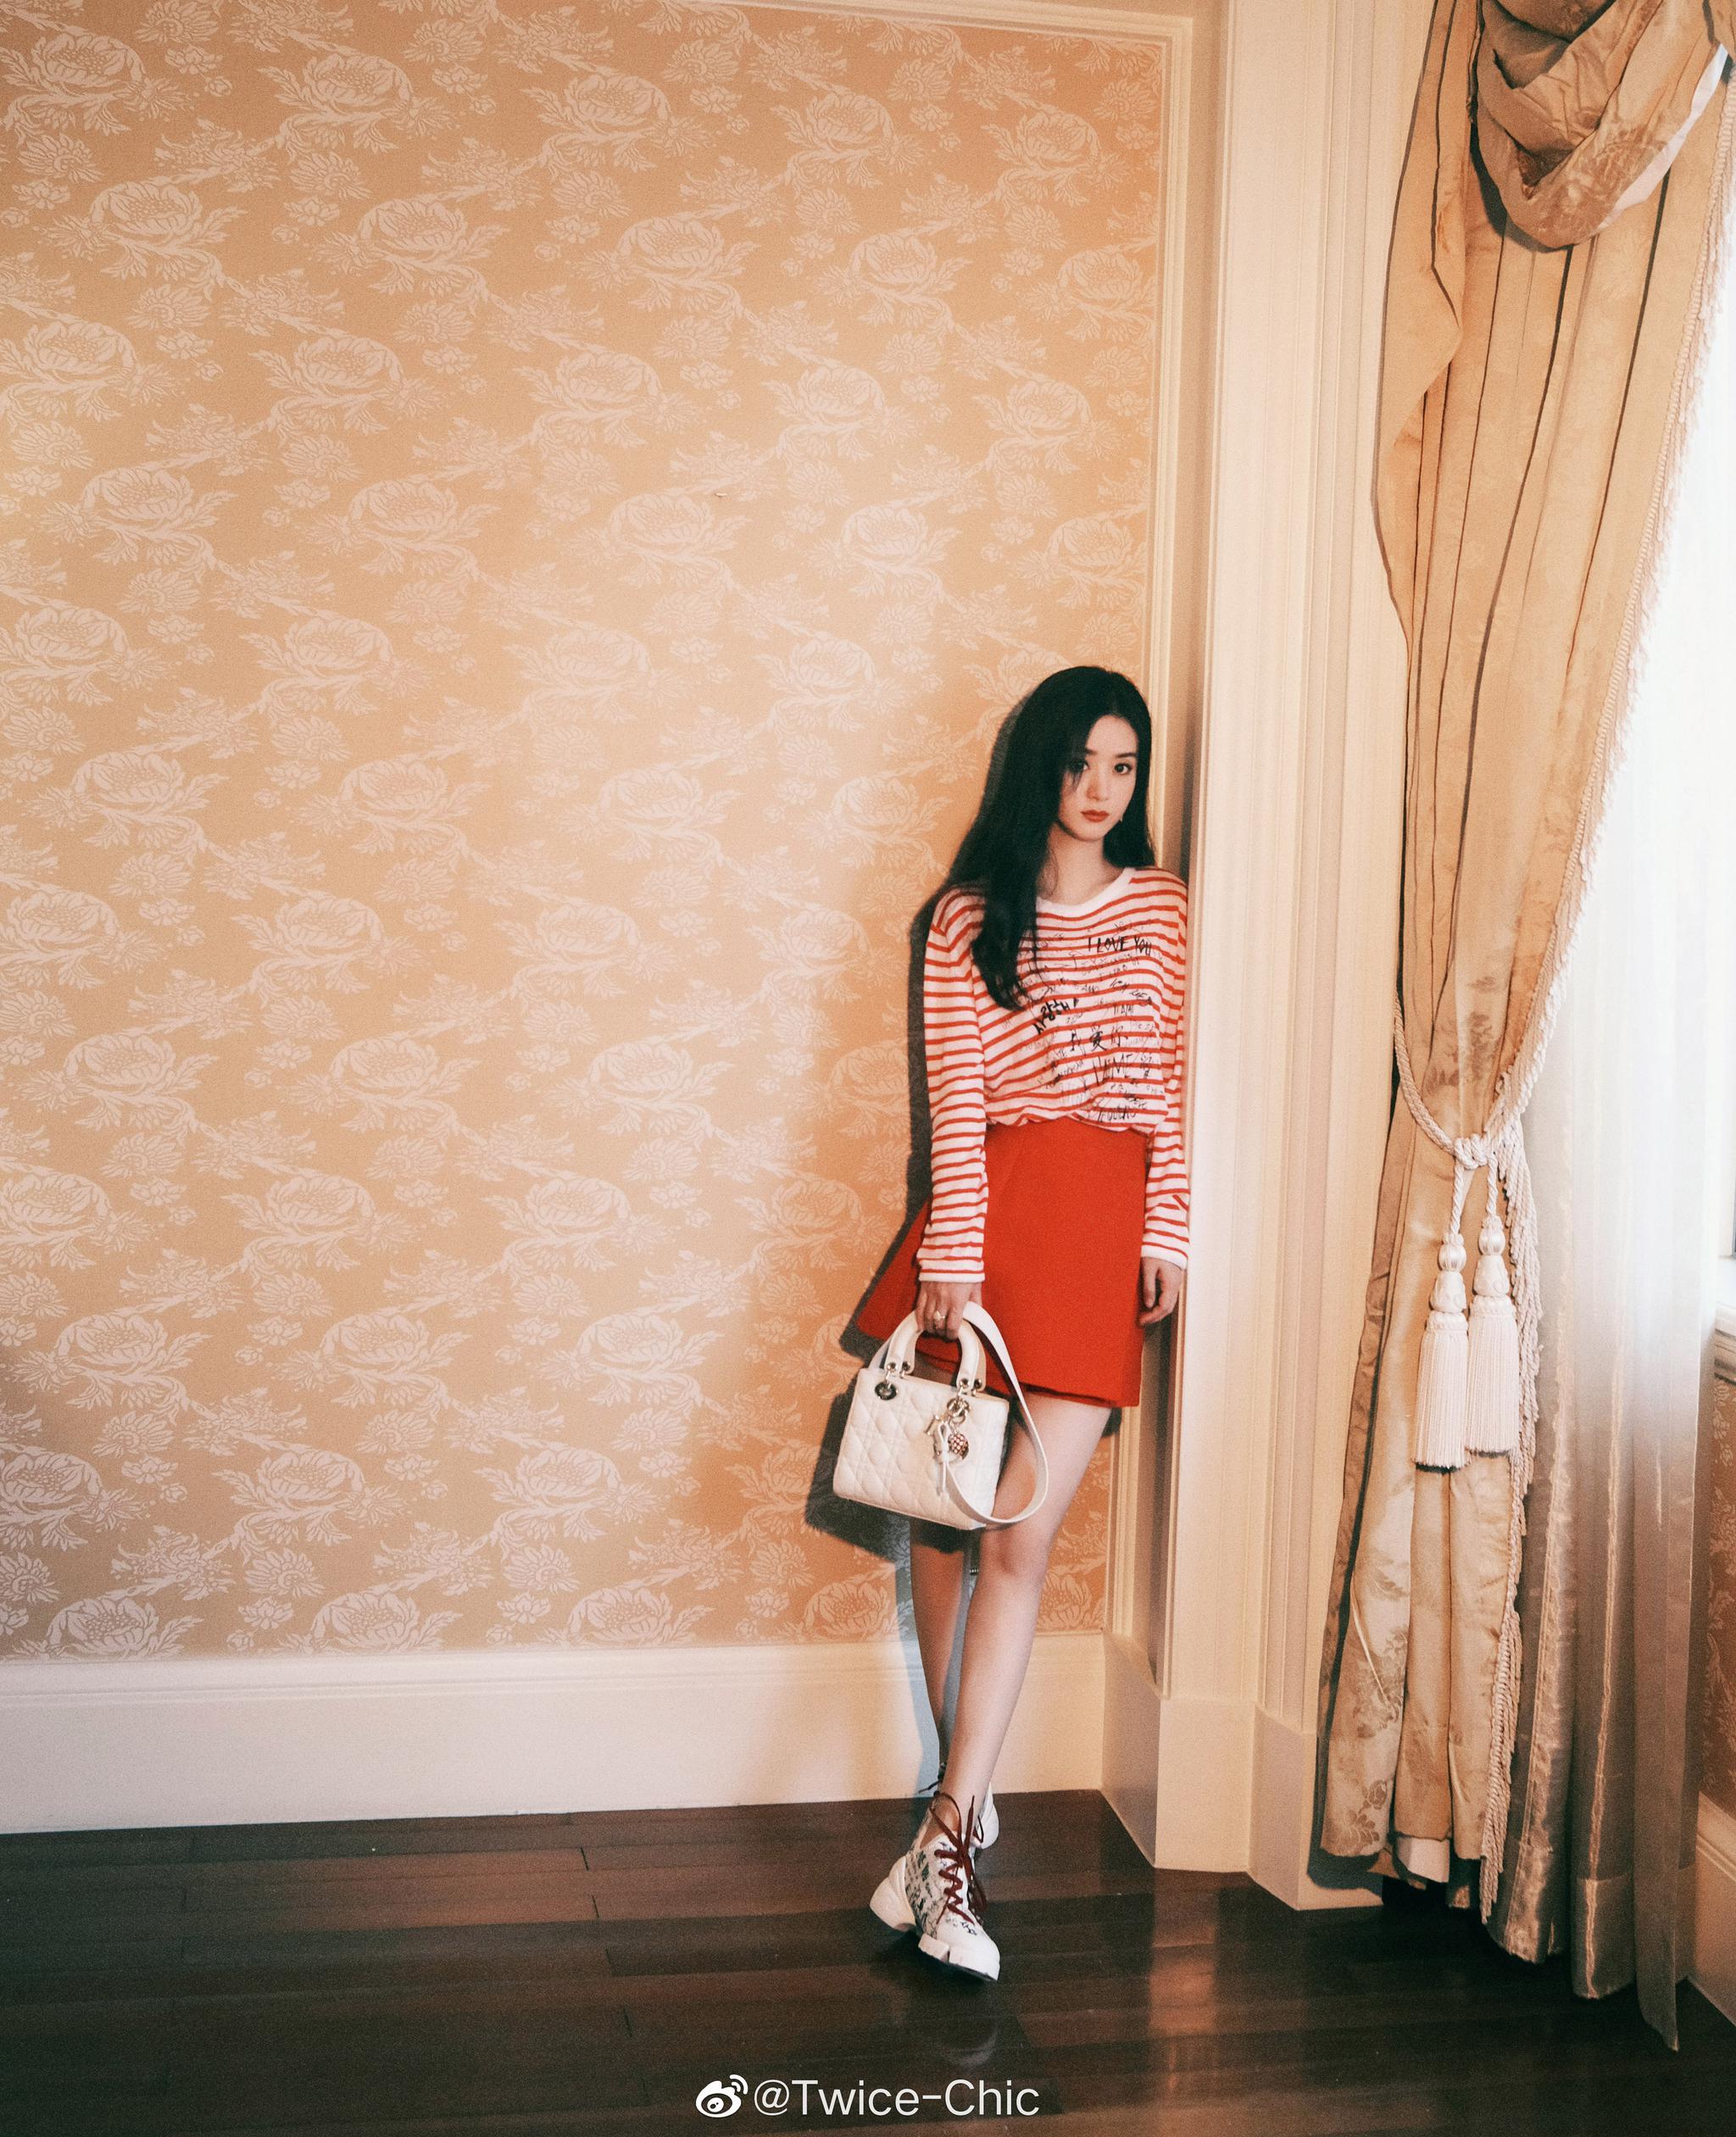 赵丽颖今日北京活动造型,选择Dior红色条纹衫搭配半裙与运动鞋